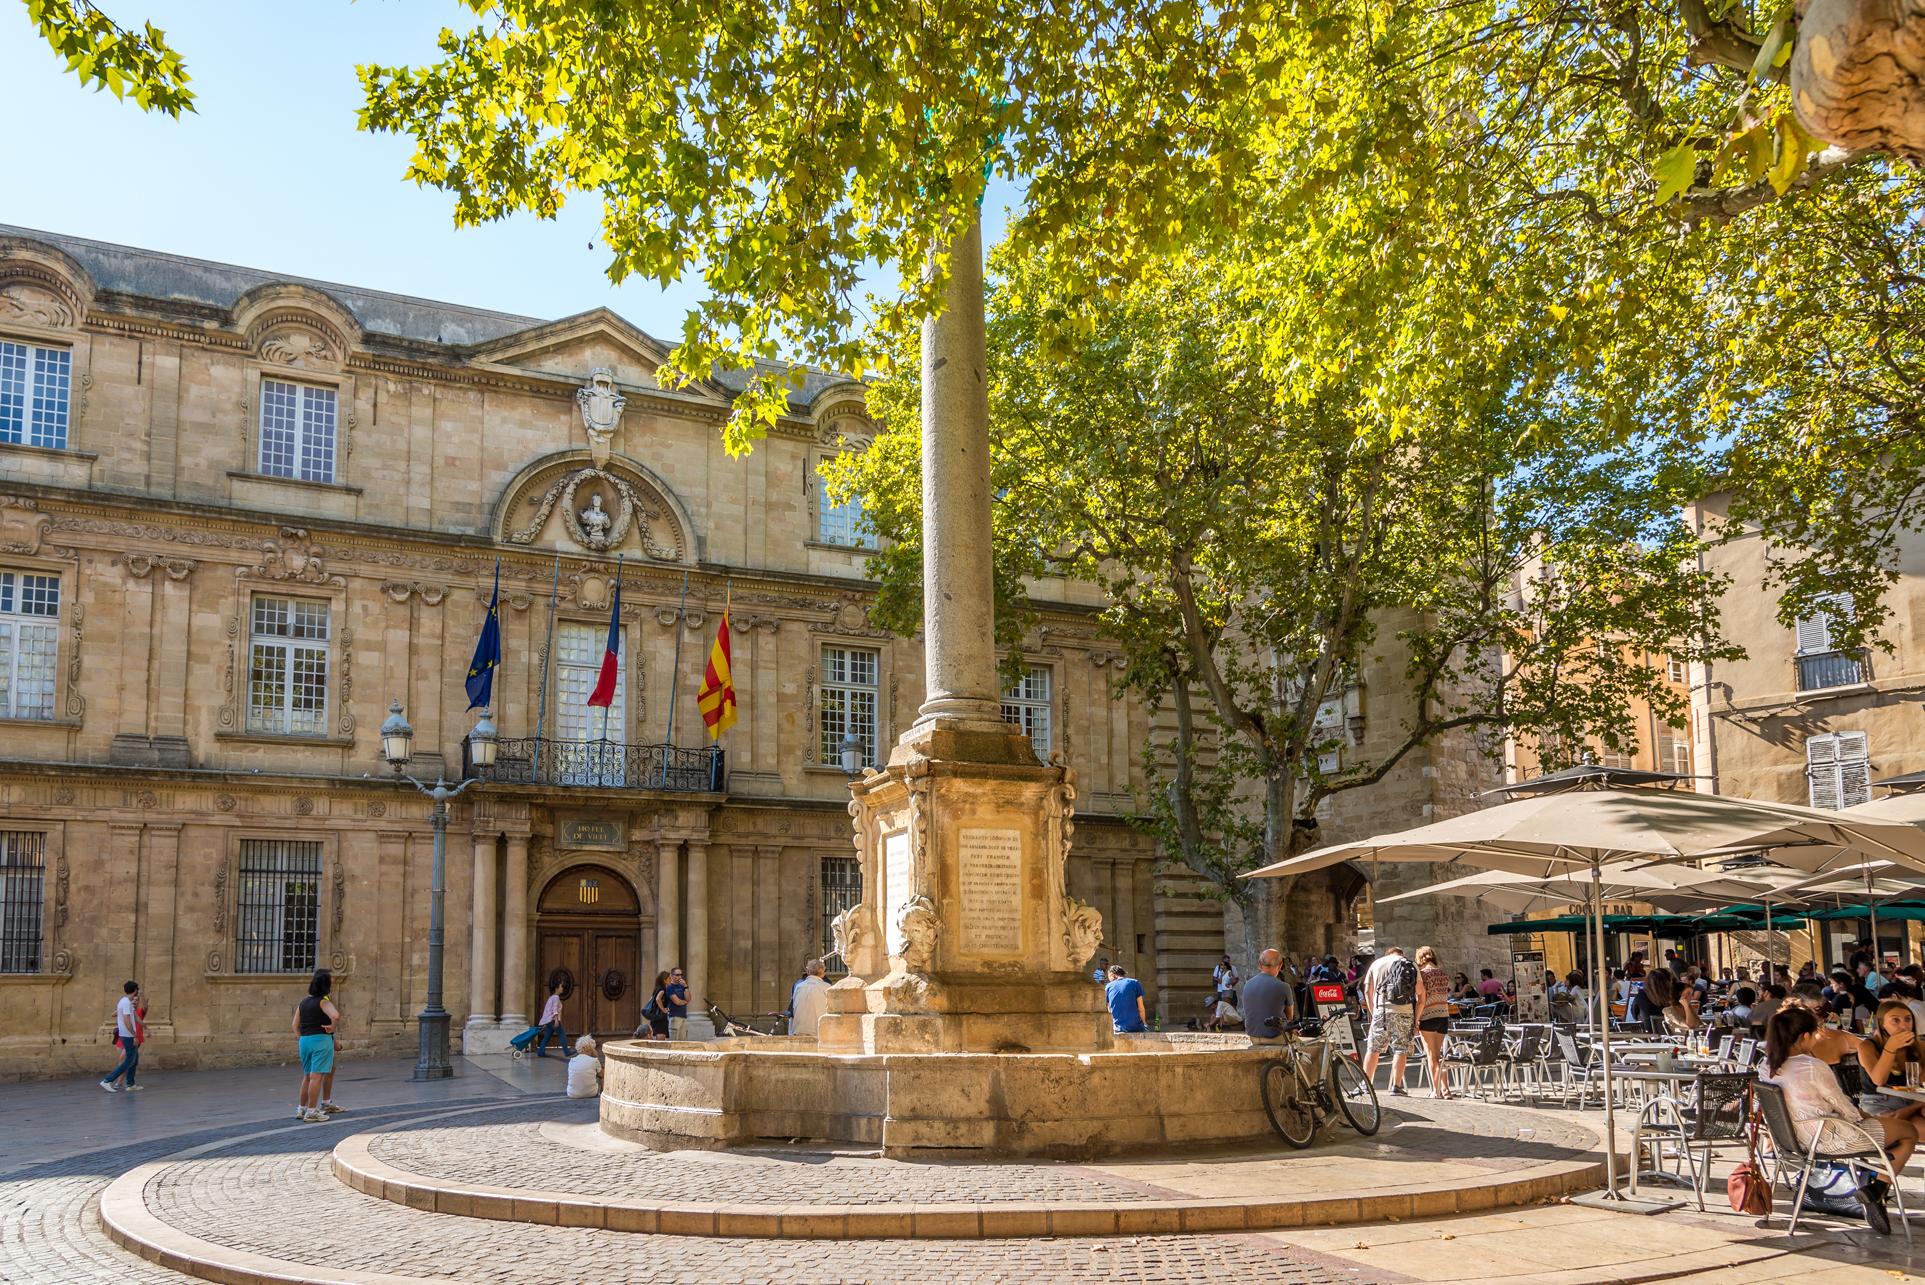 L'Hotel de Ville ad Aix-en-Provence